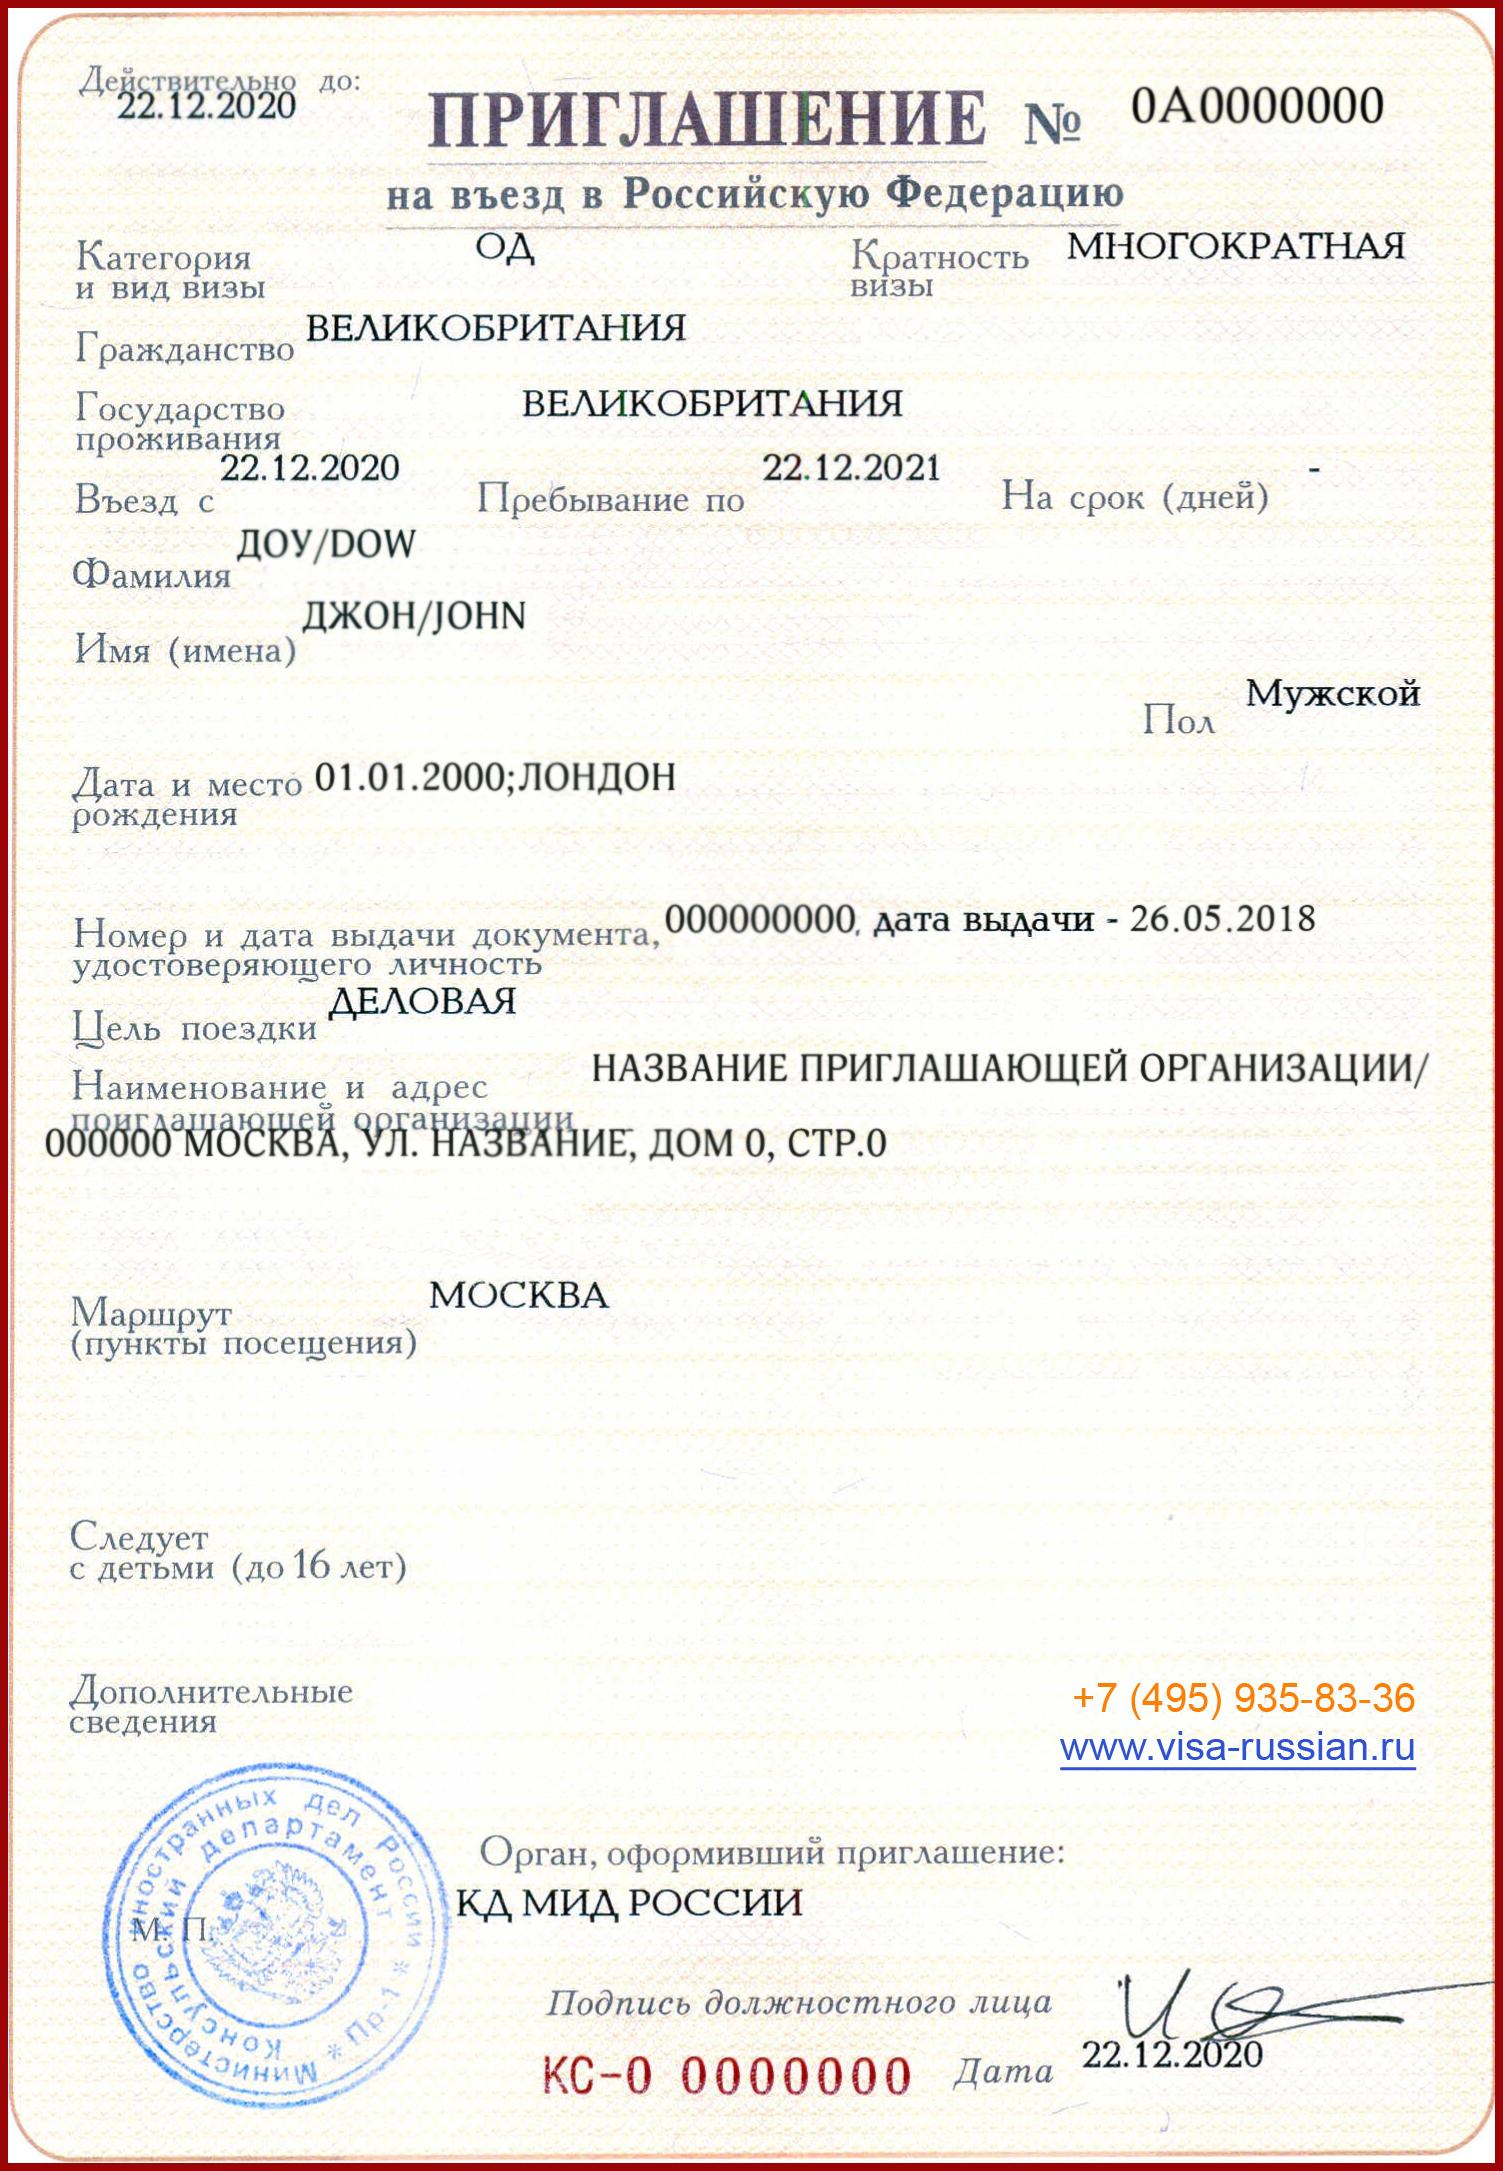 образец приглашения в РФ